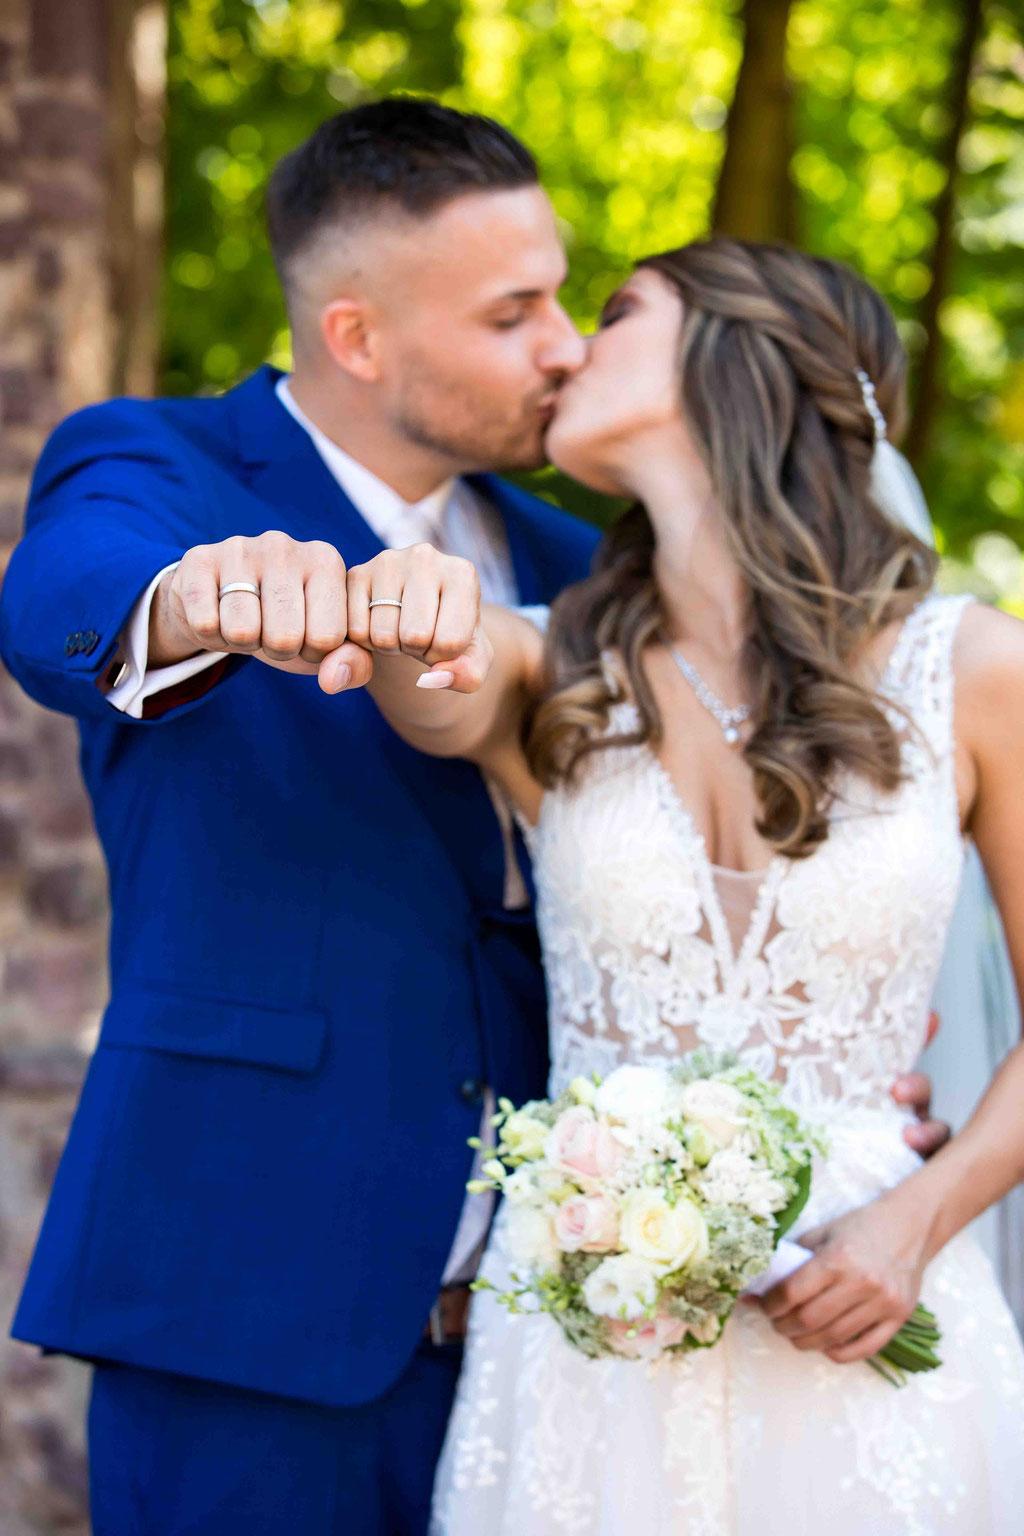 Bildideen vom Hochzeitsfotograf, Brautpaar küssend, attraktives Brautpaar mit Ehering, Hochzeitspaar Fotoshooting